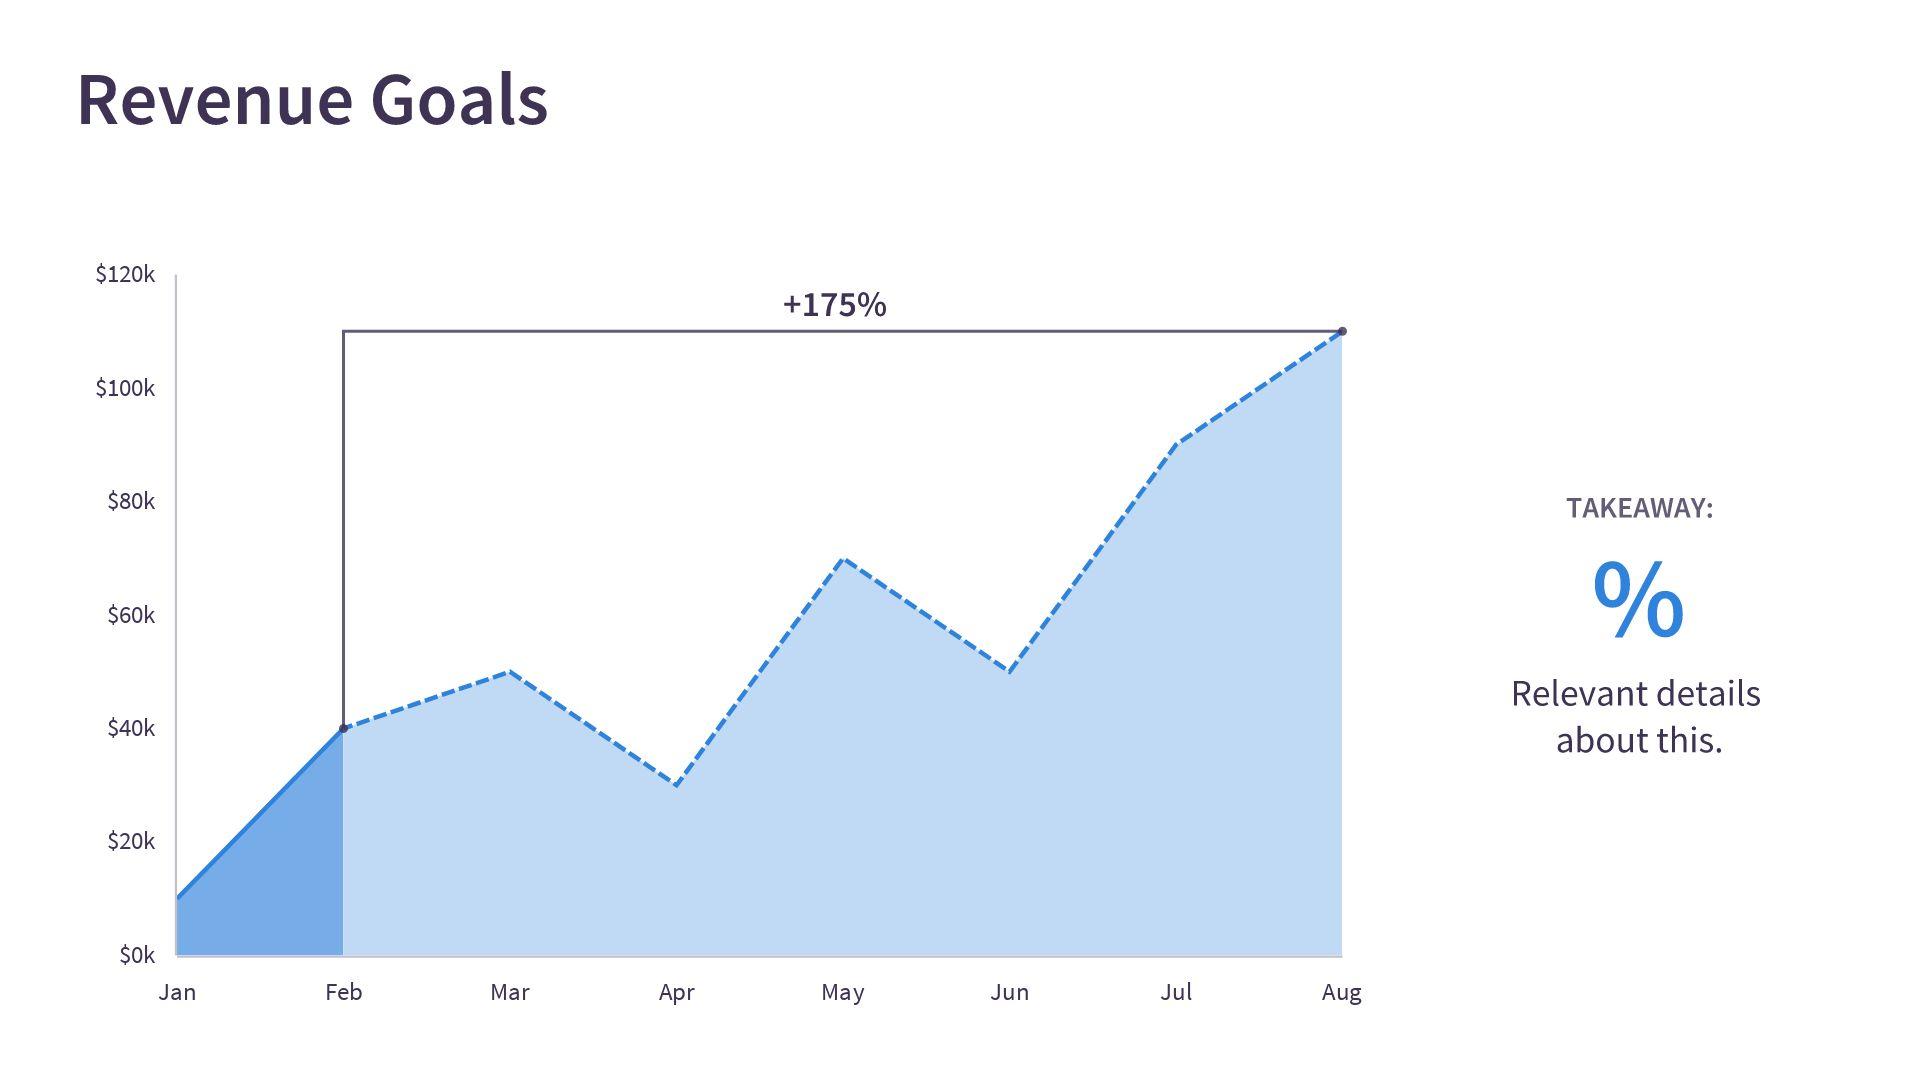 Revenue Goals